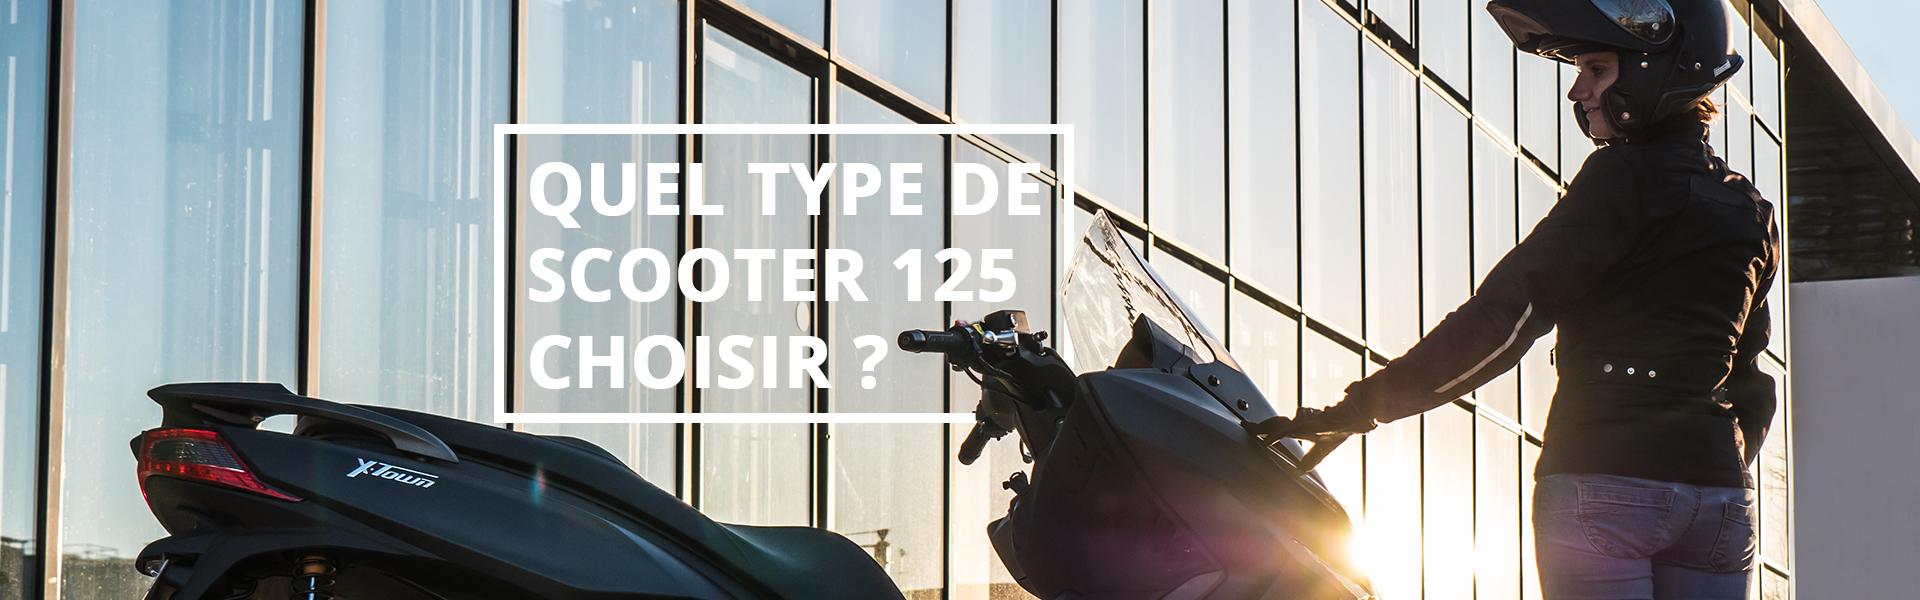 Comment Choisir Un Scooter 125 Cm3 Taille Pour La Ville